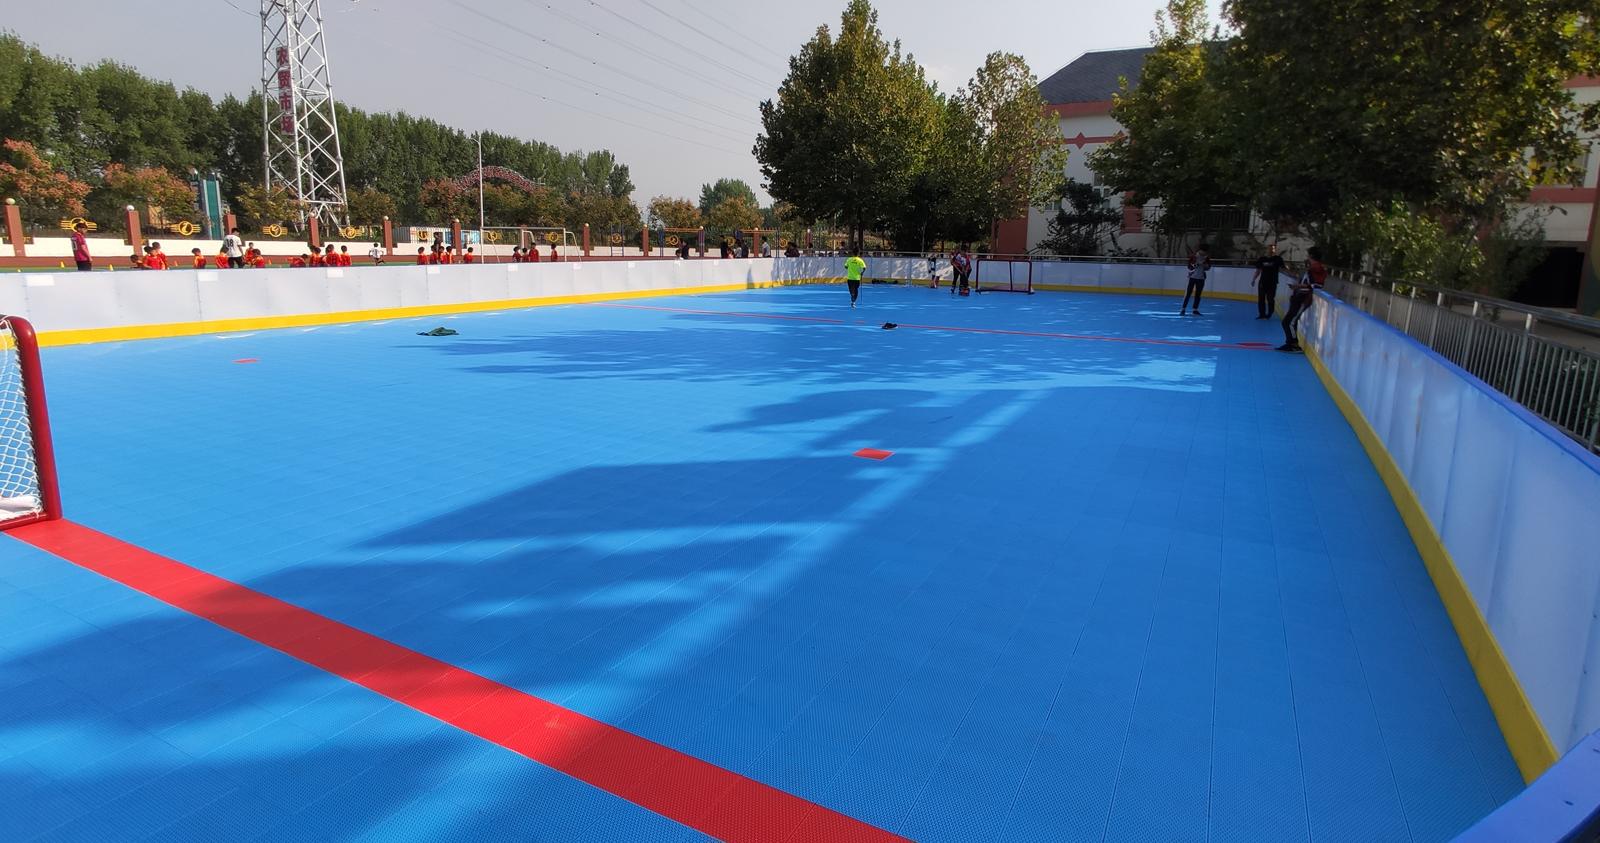 登封市书院河路小学建成标准轮滑球场地